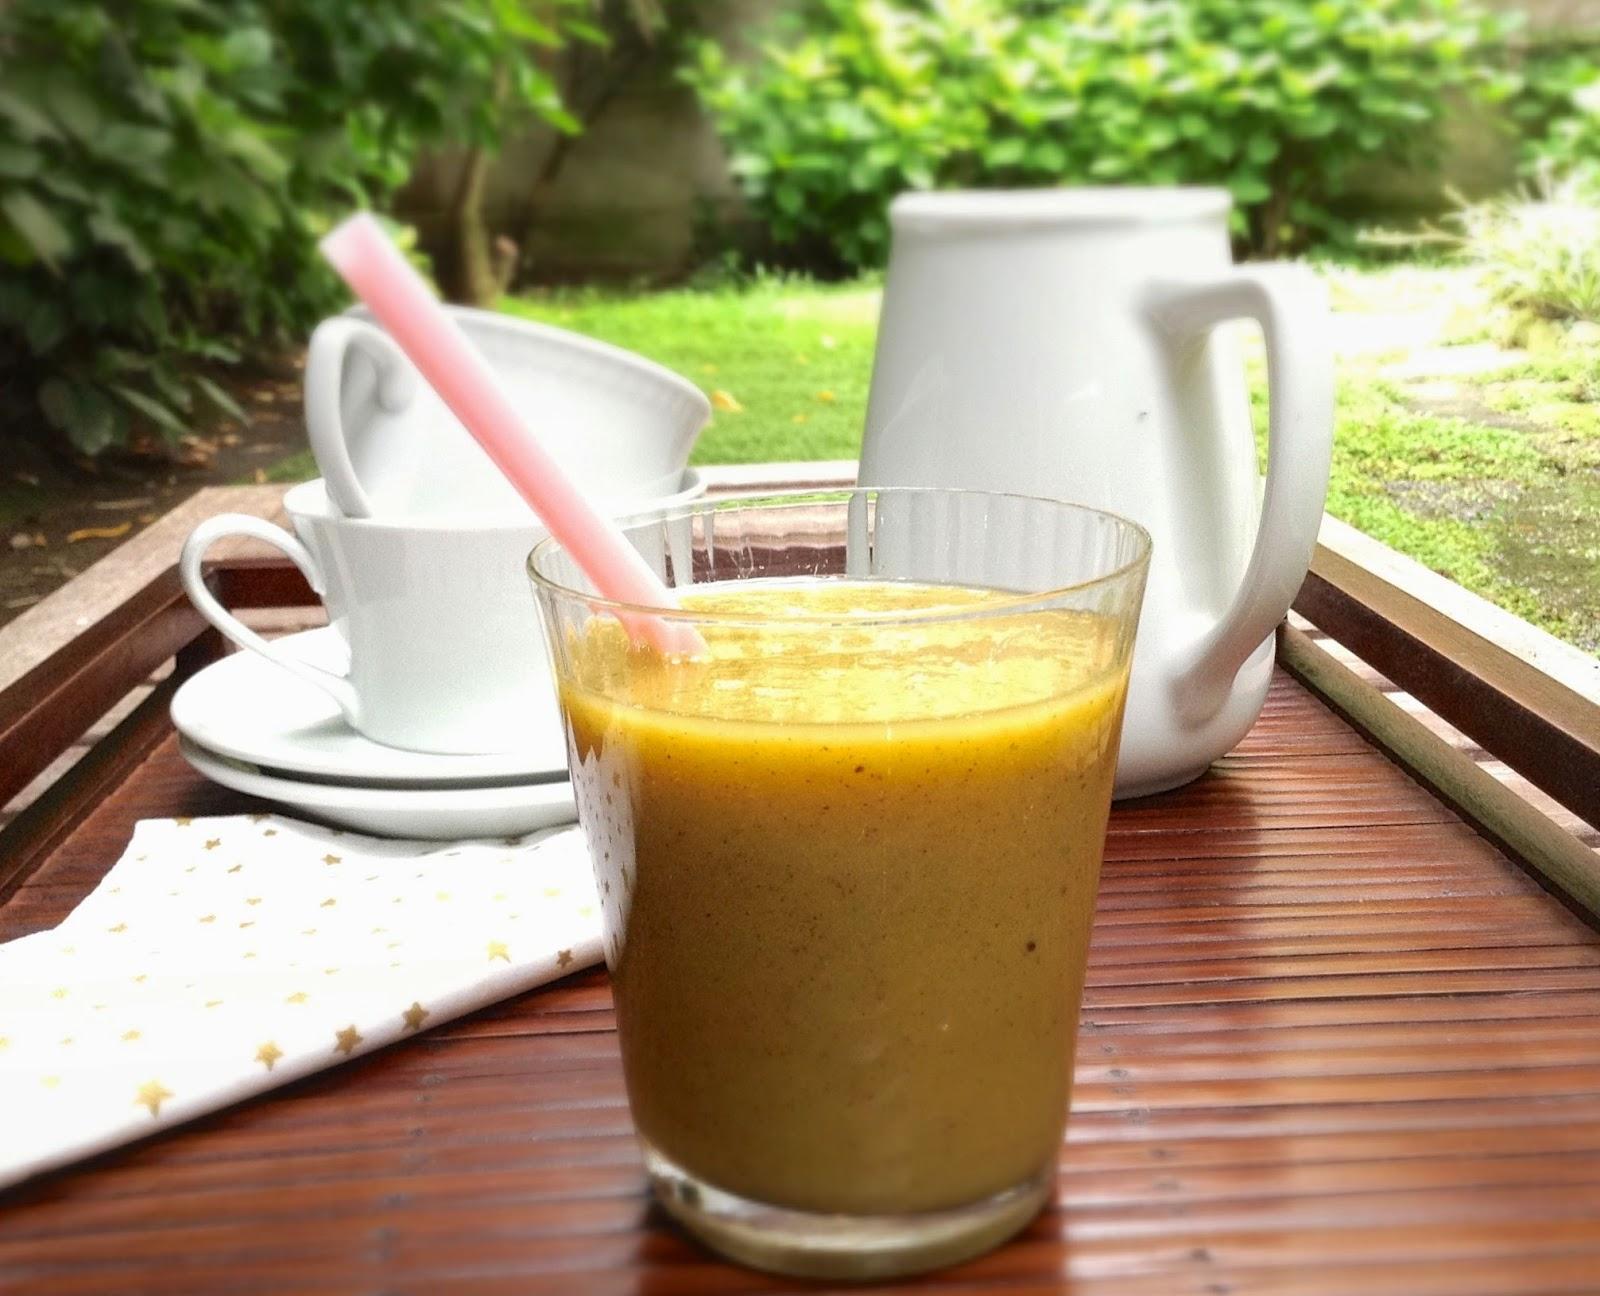 Hoy comemos sano batido detox de manzana y kiwi - Batidos de kiwi ...